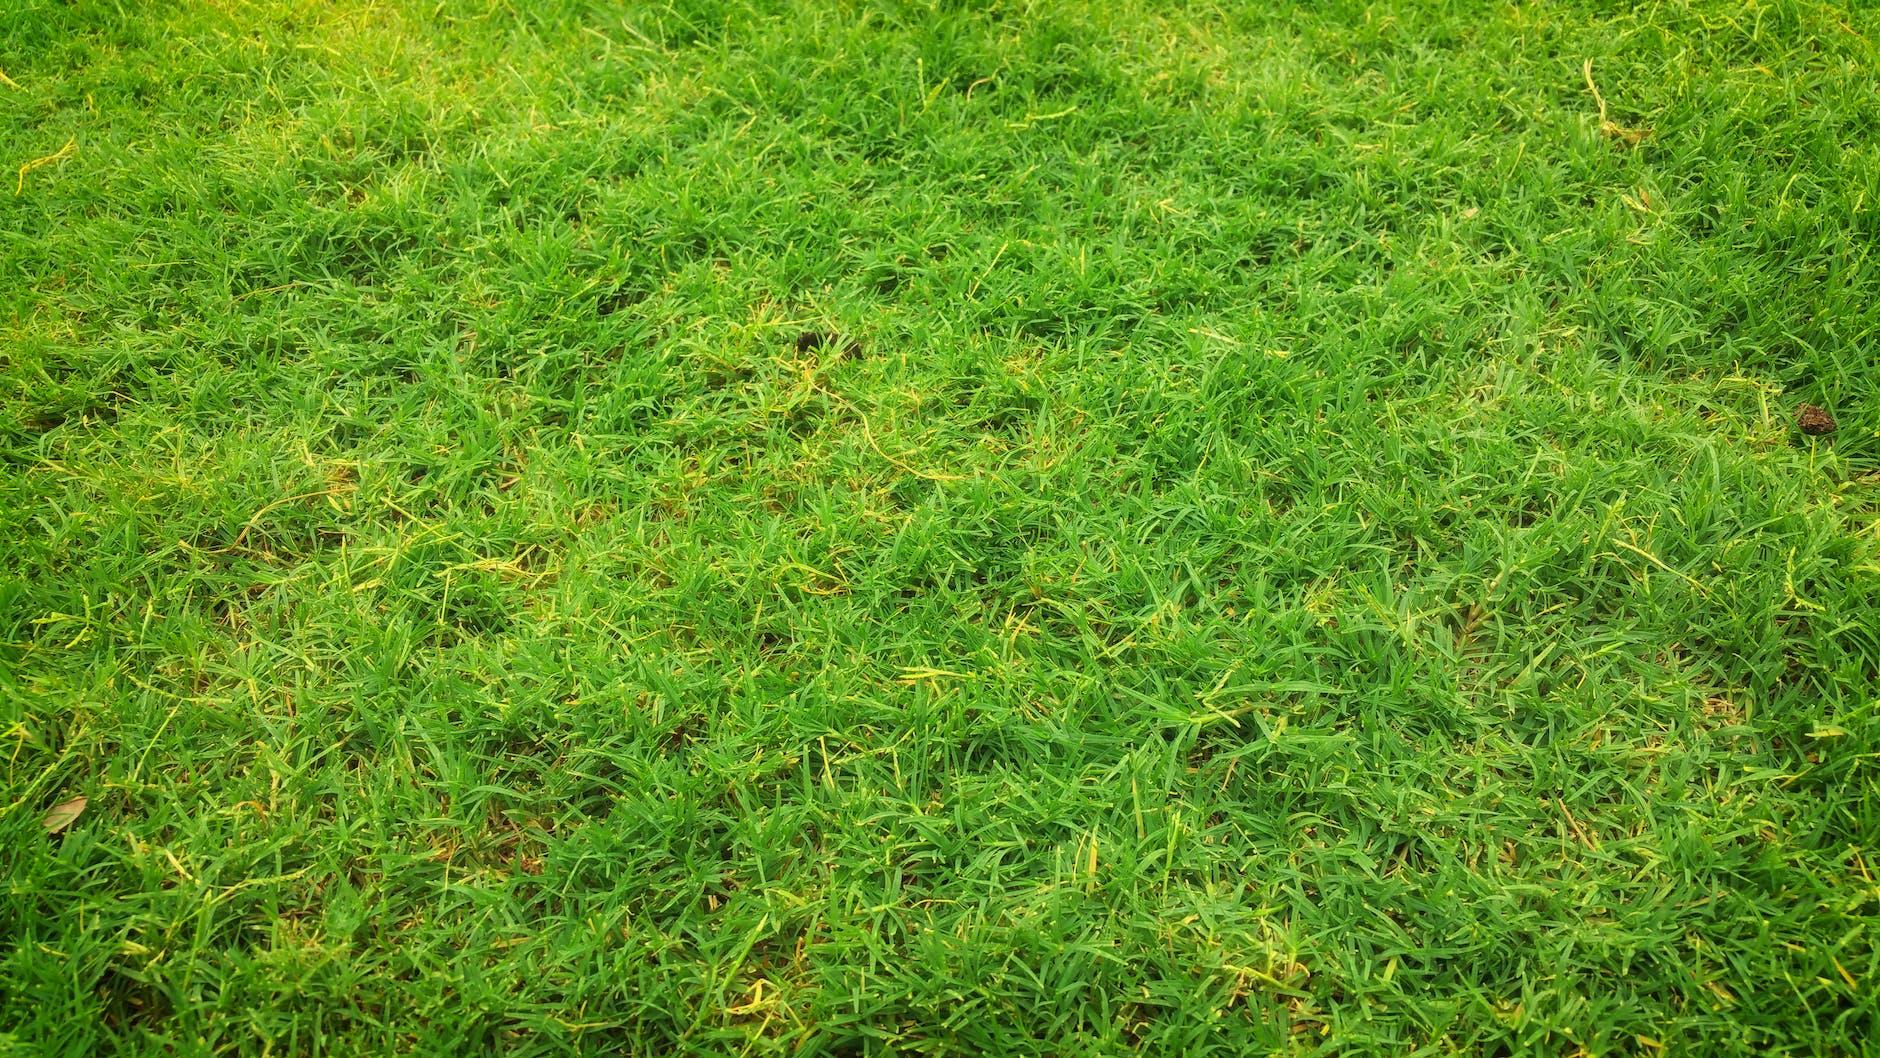 green grass types